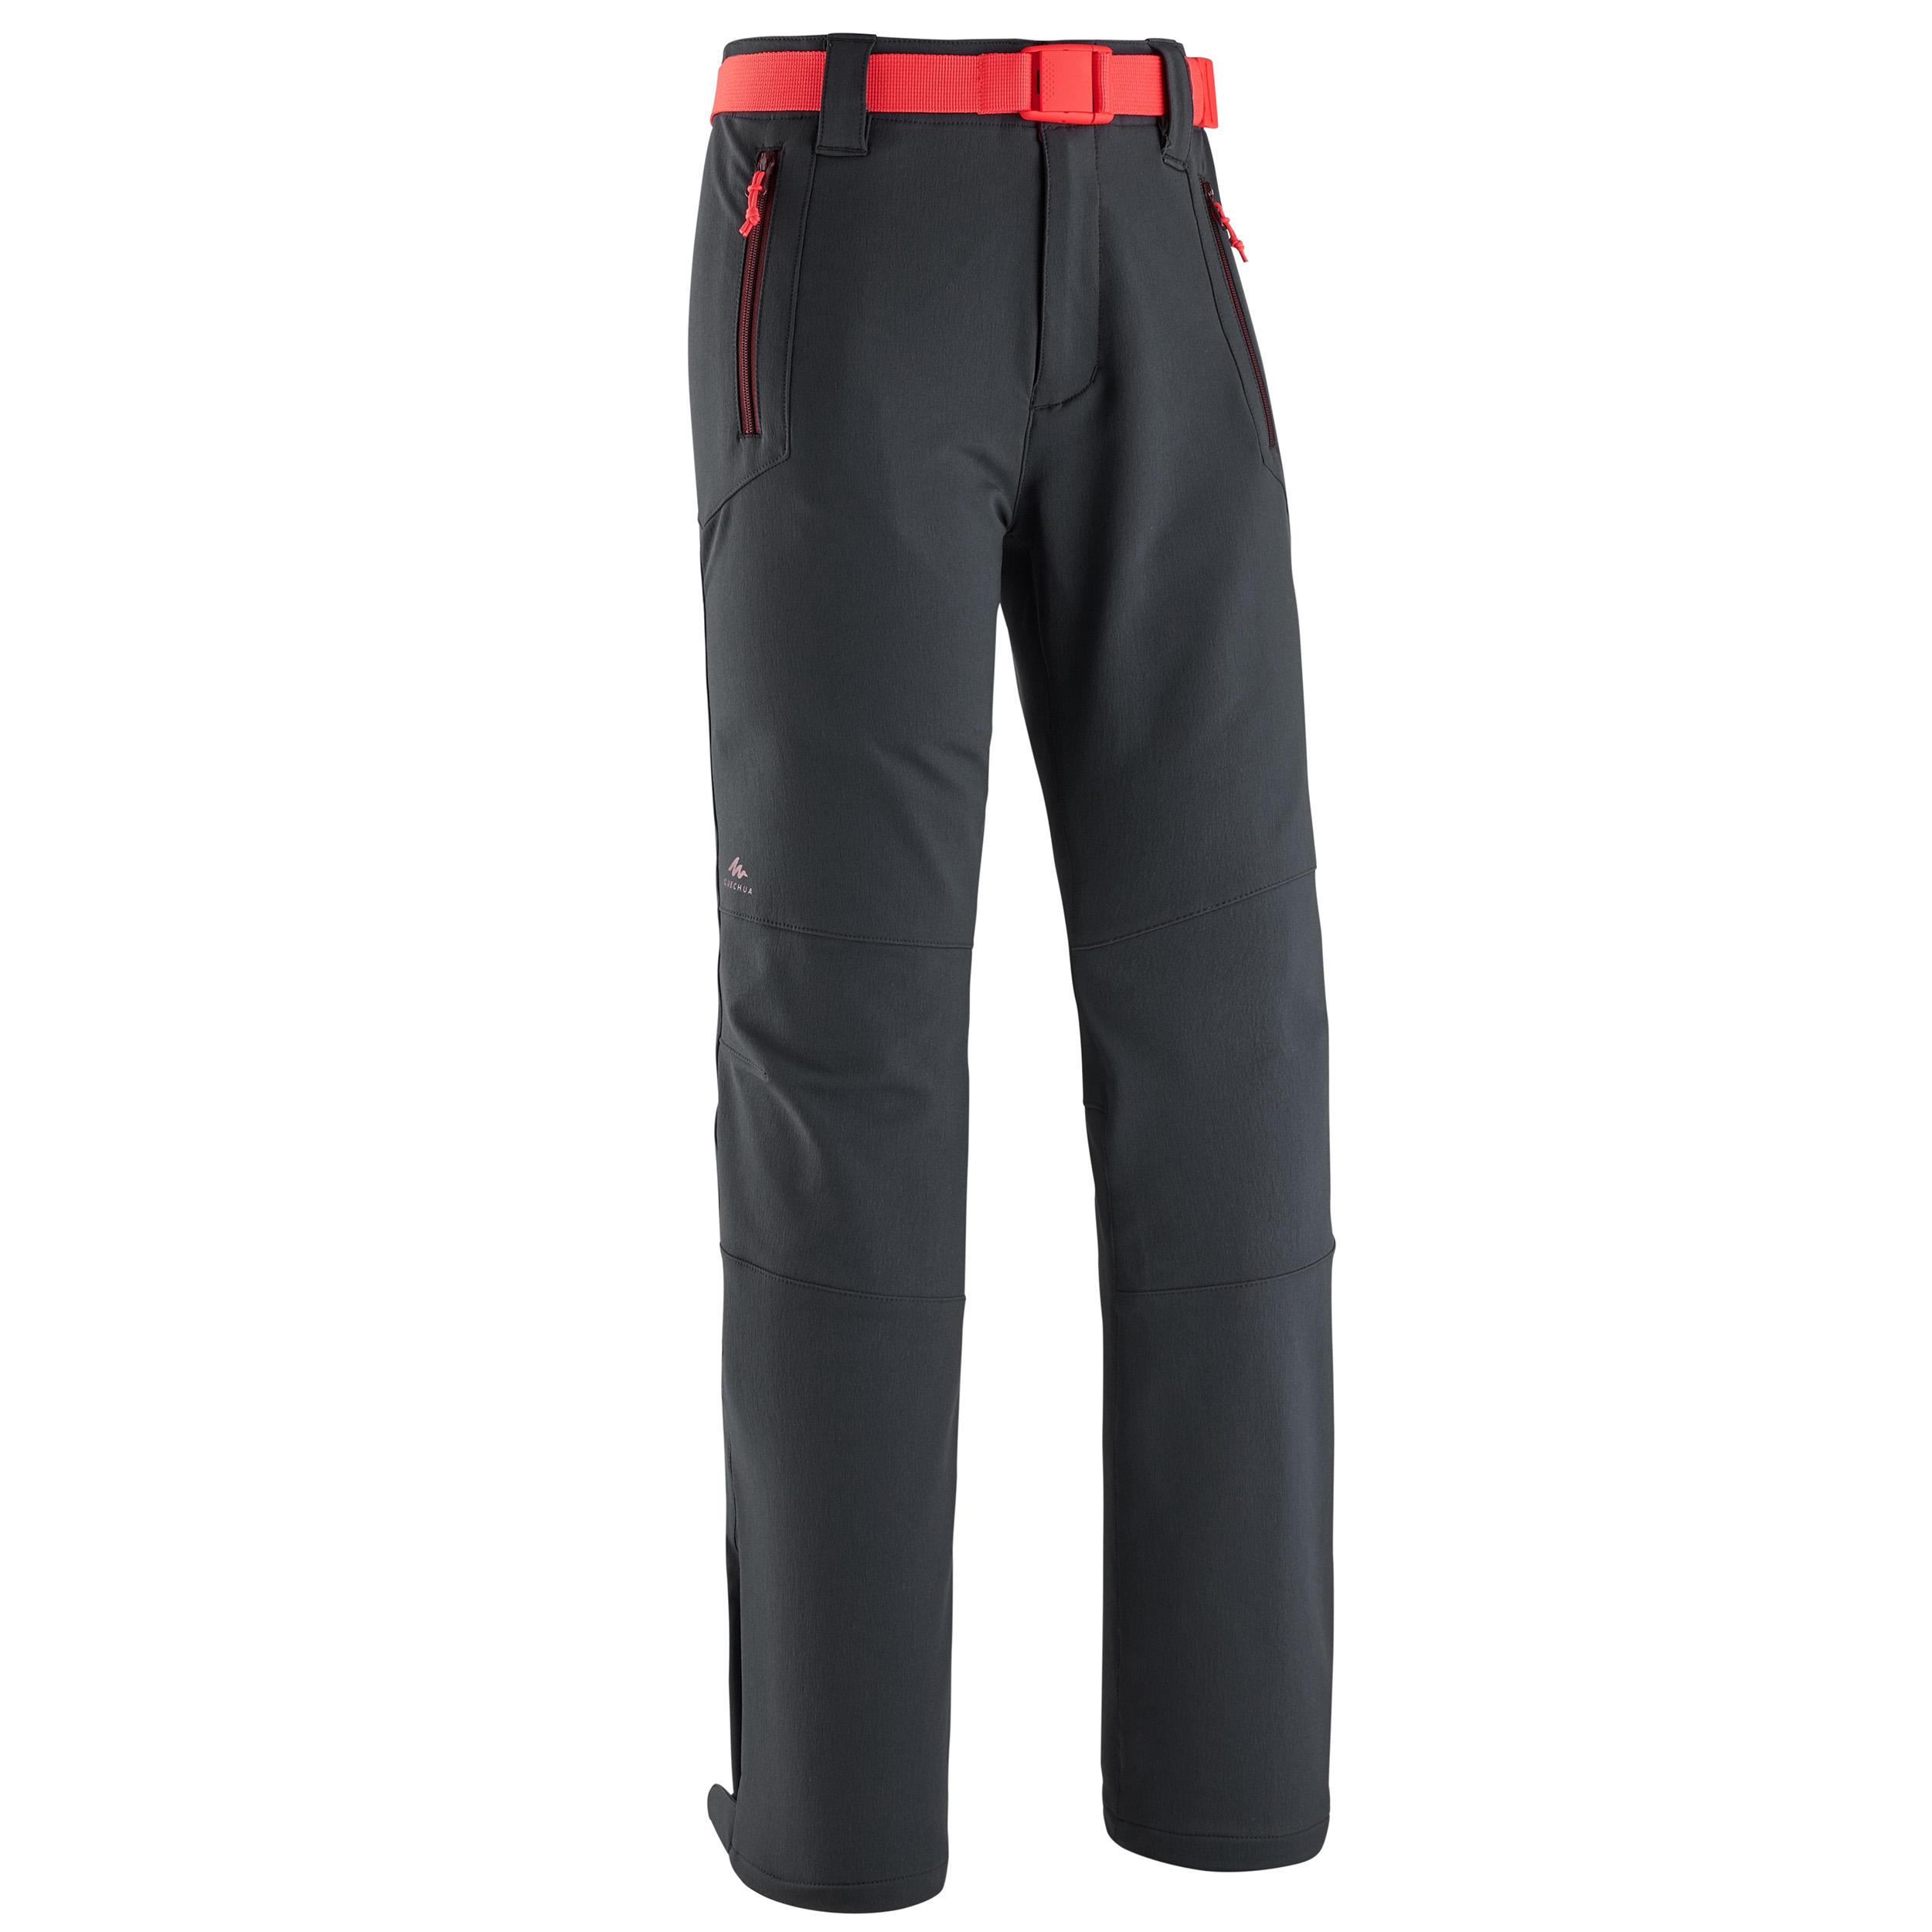 Pantalon MH500 gri Fete